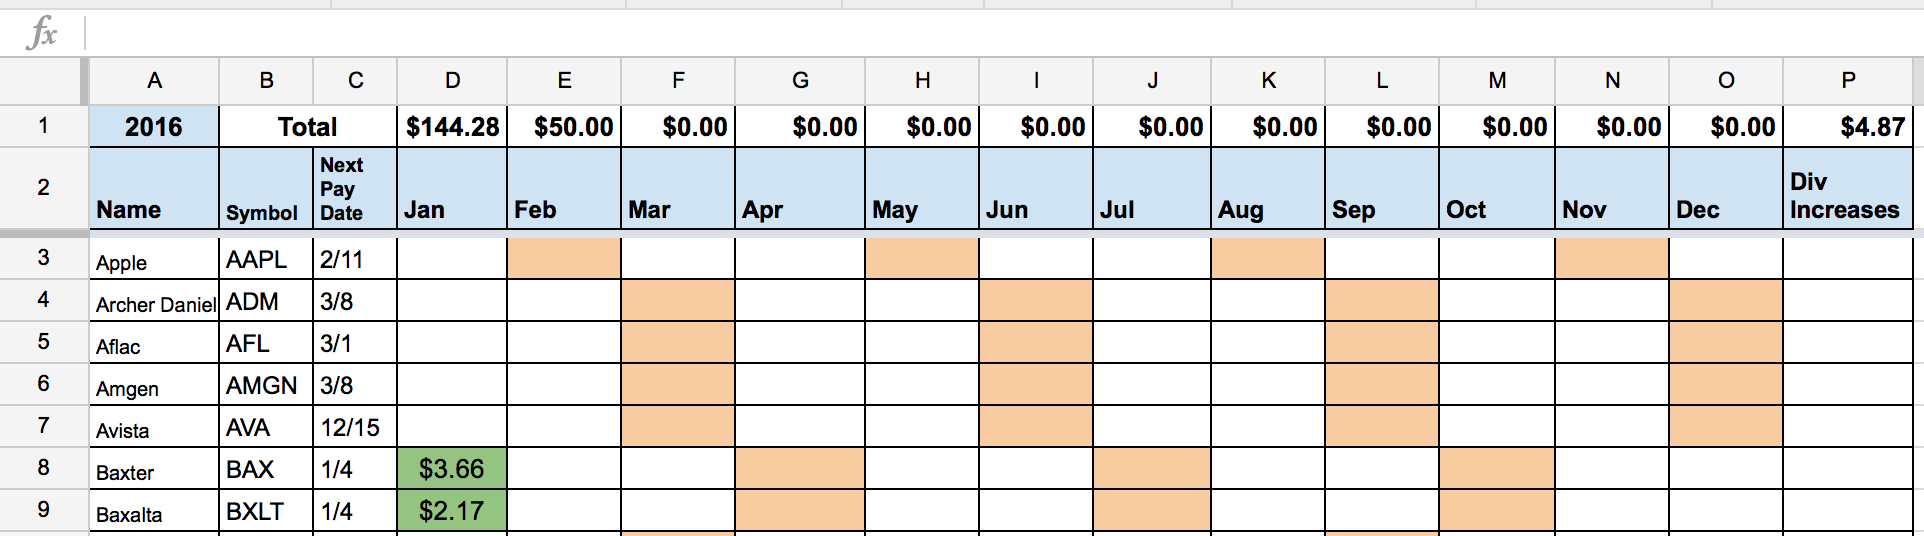 Dividend Portfolio Spreadsheet In Dividend Stock Portfolio Spreadsheet On Google Sheets – Two Investing